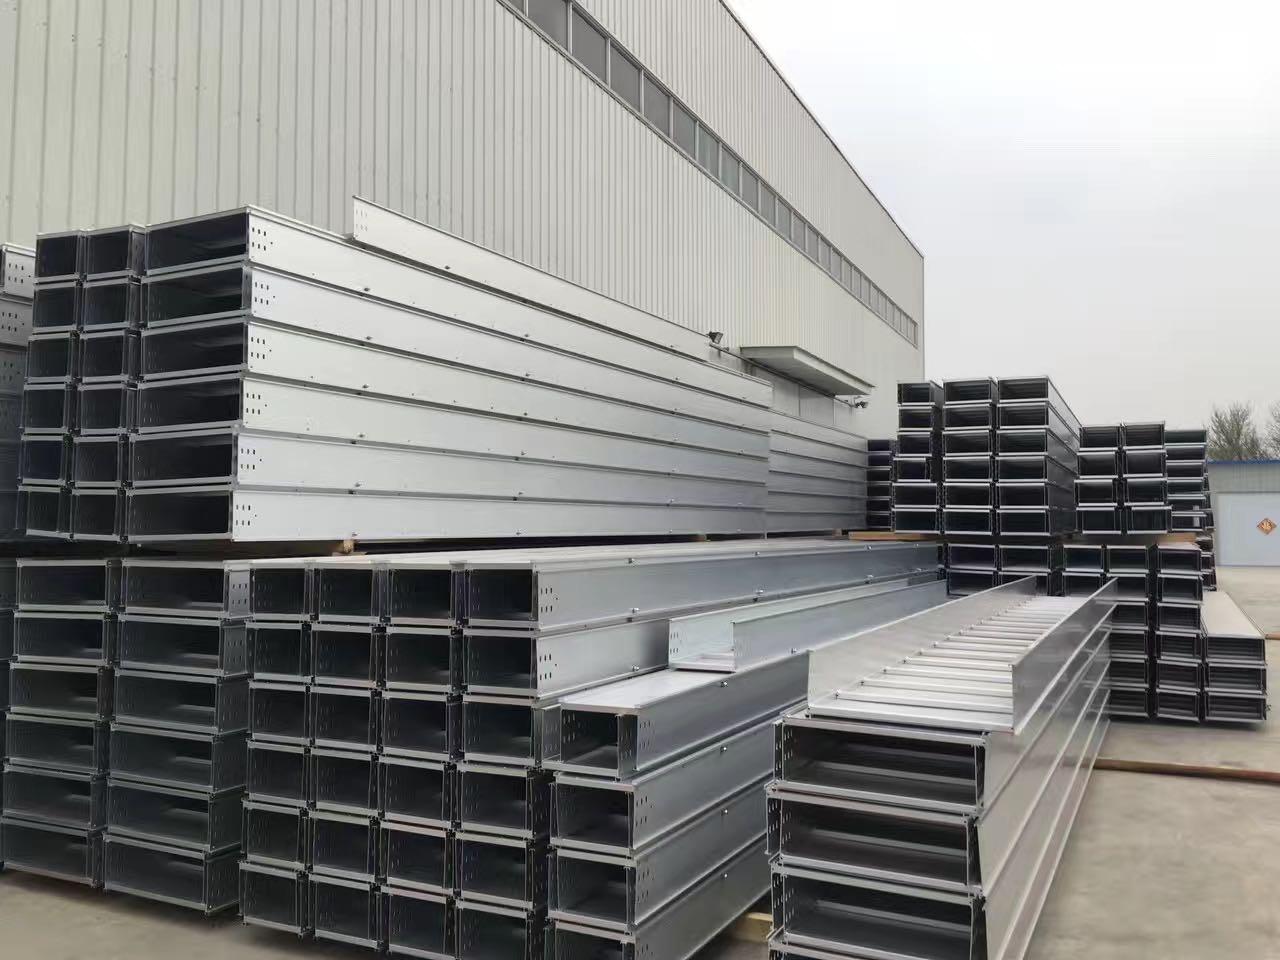 槽式橋架生產廠家-平頂山槽式電纜橋架廠家